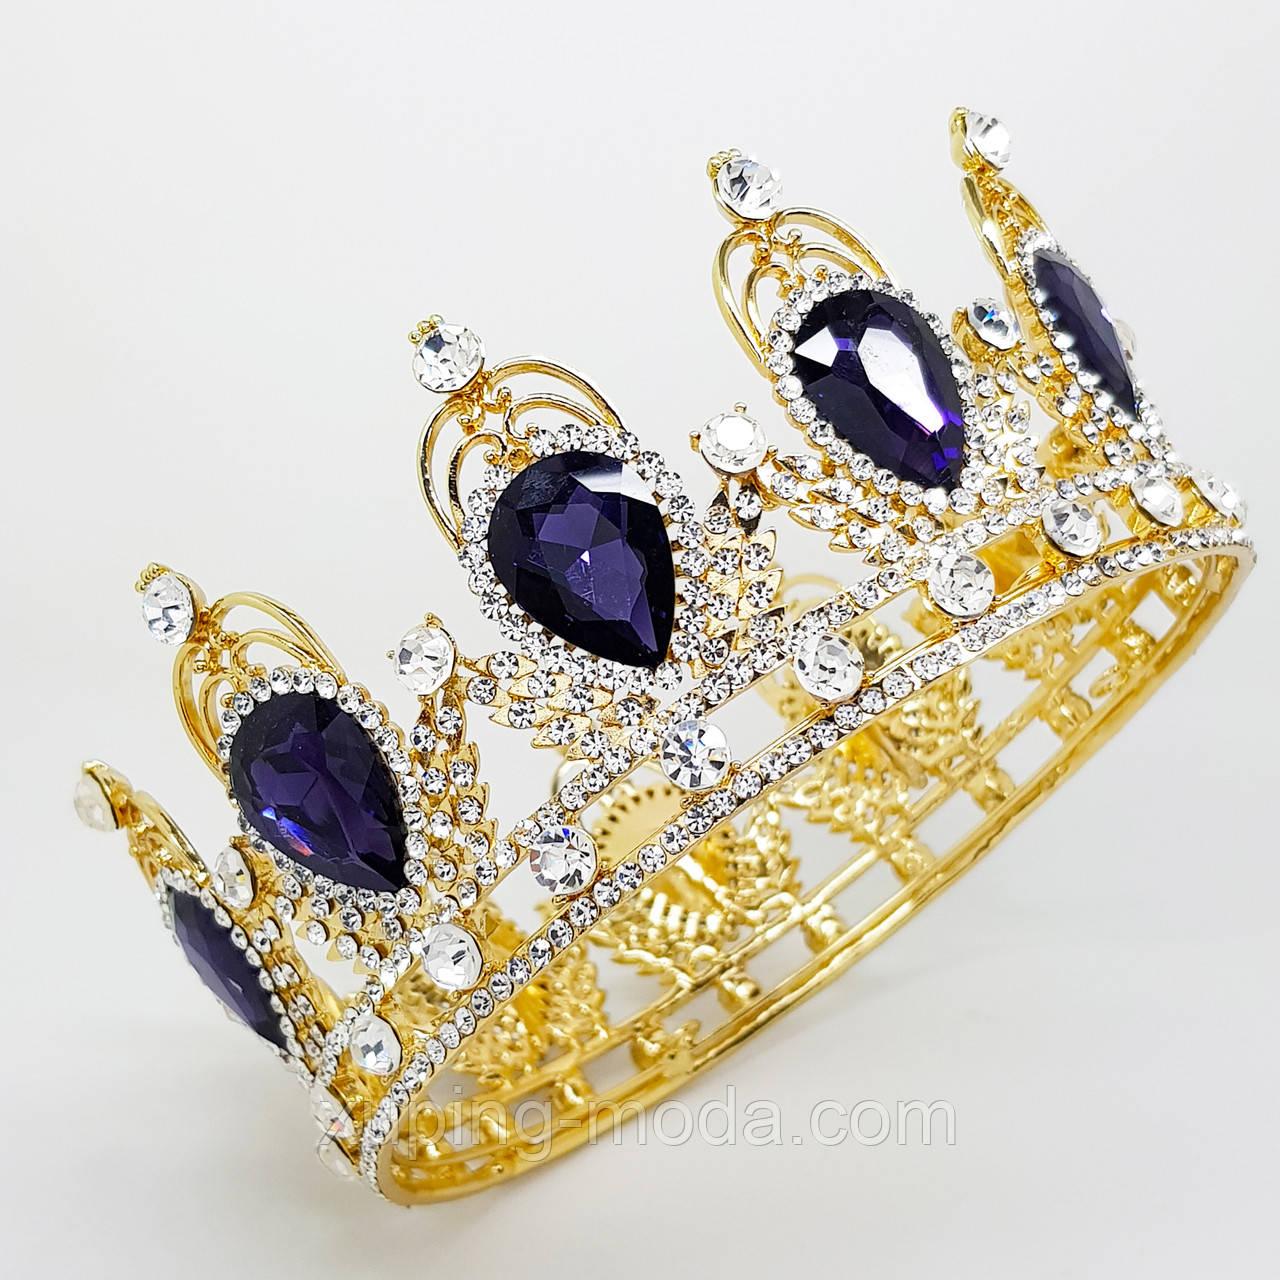 Свадебные аксессуары оптом, Свадебная корона, диадема